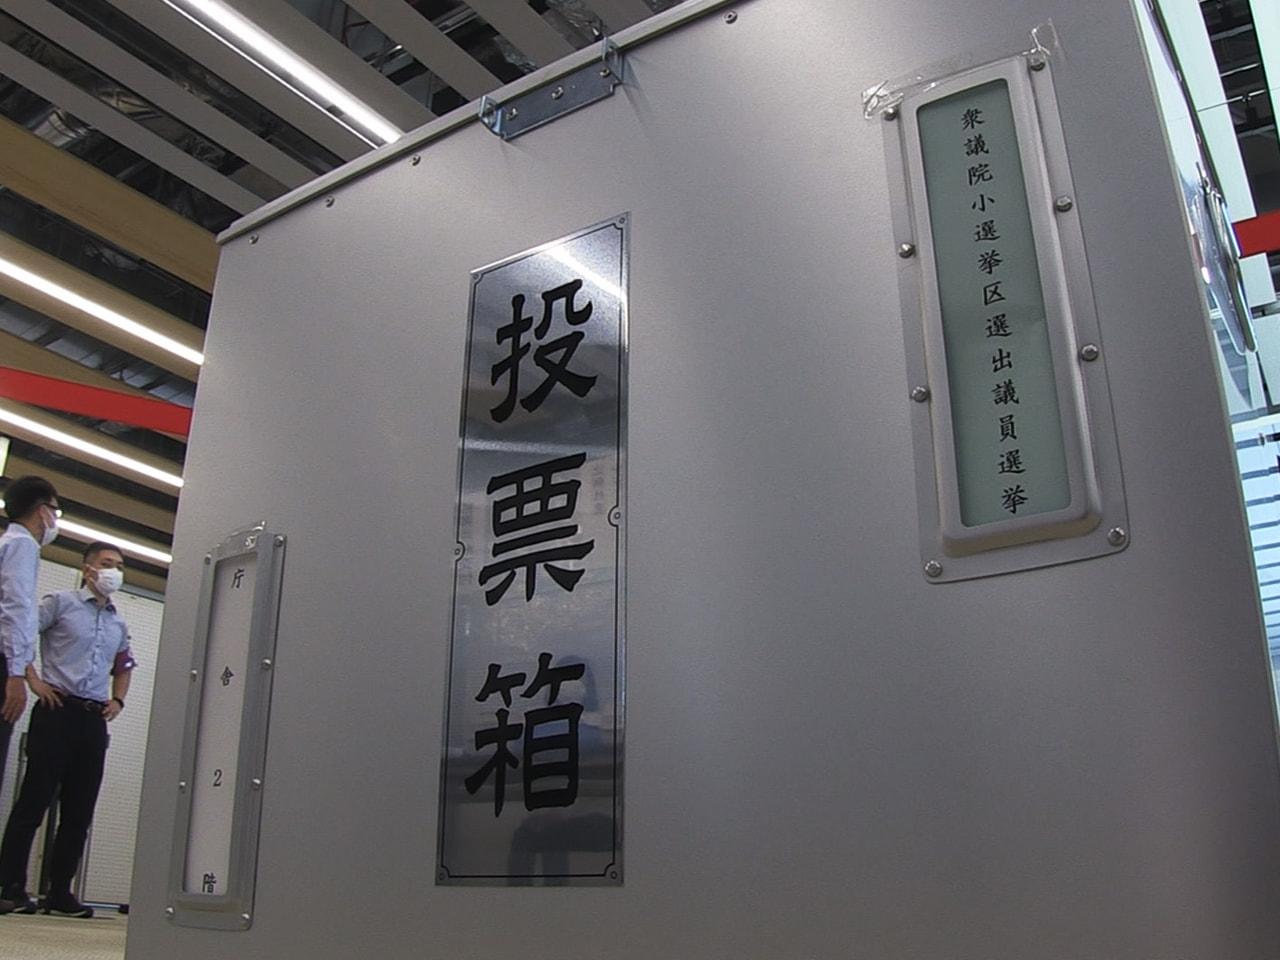 10月31日に投開票が行われる衆議院議員選挙の岐阜県内の期日前投票について、24...